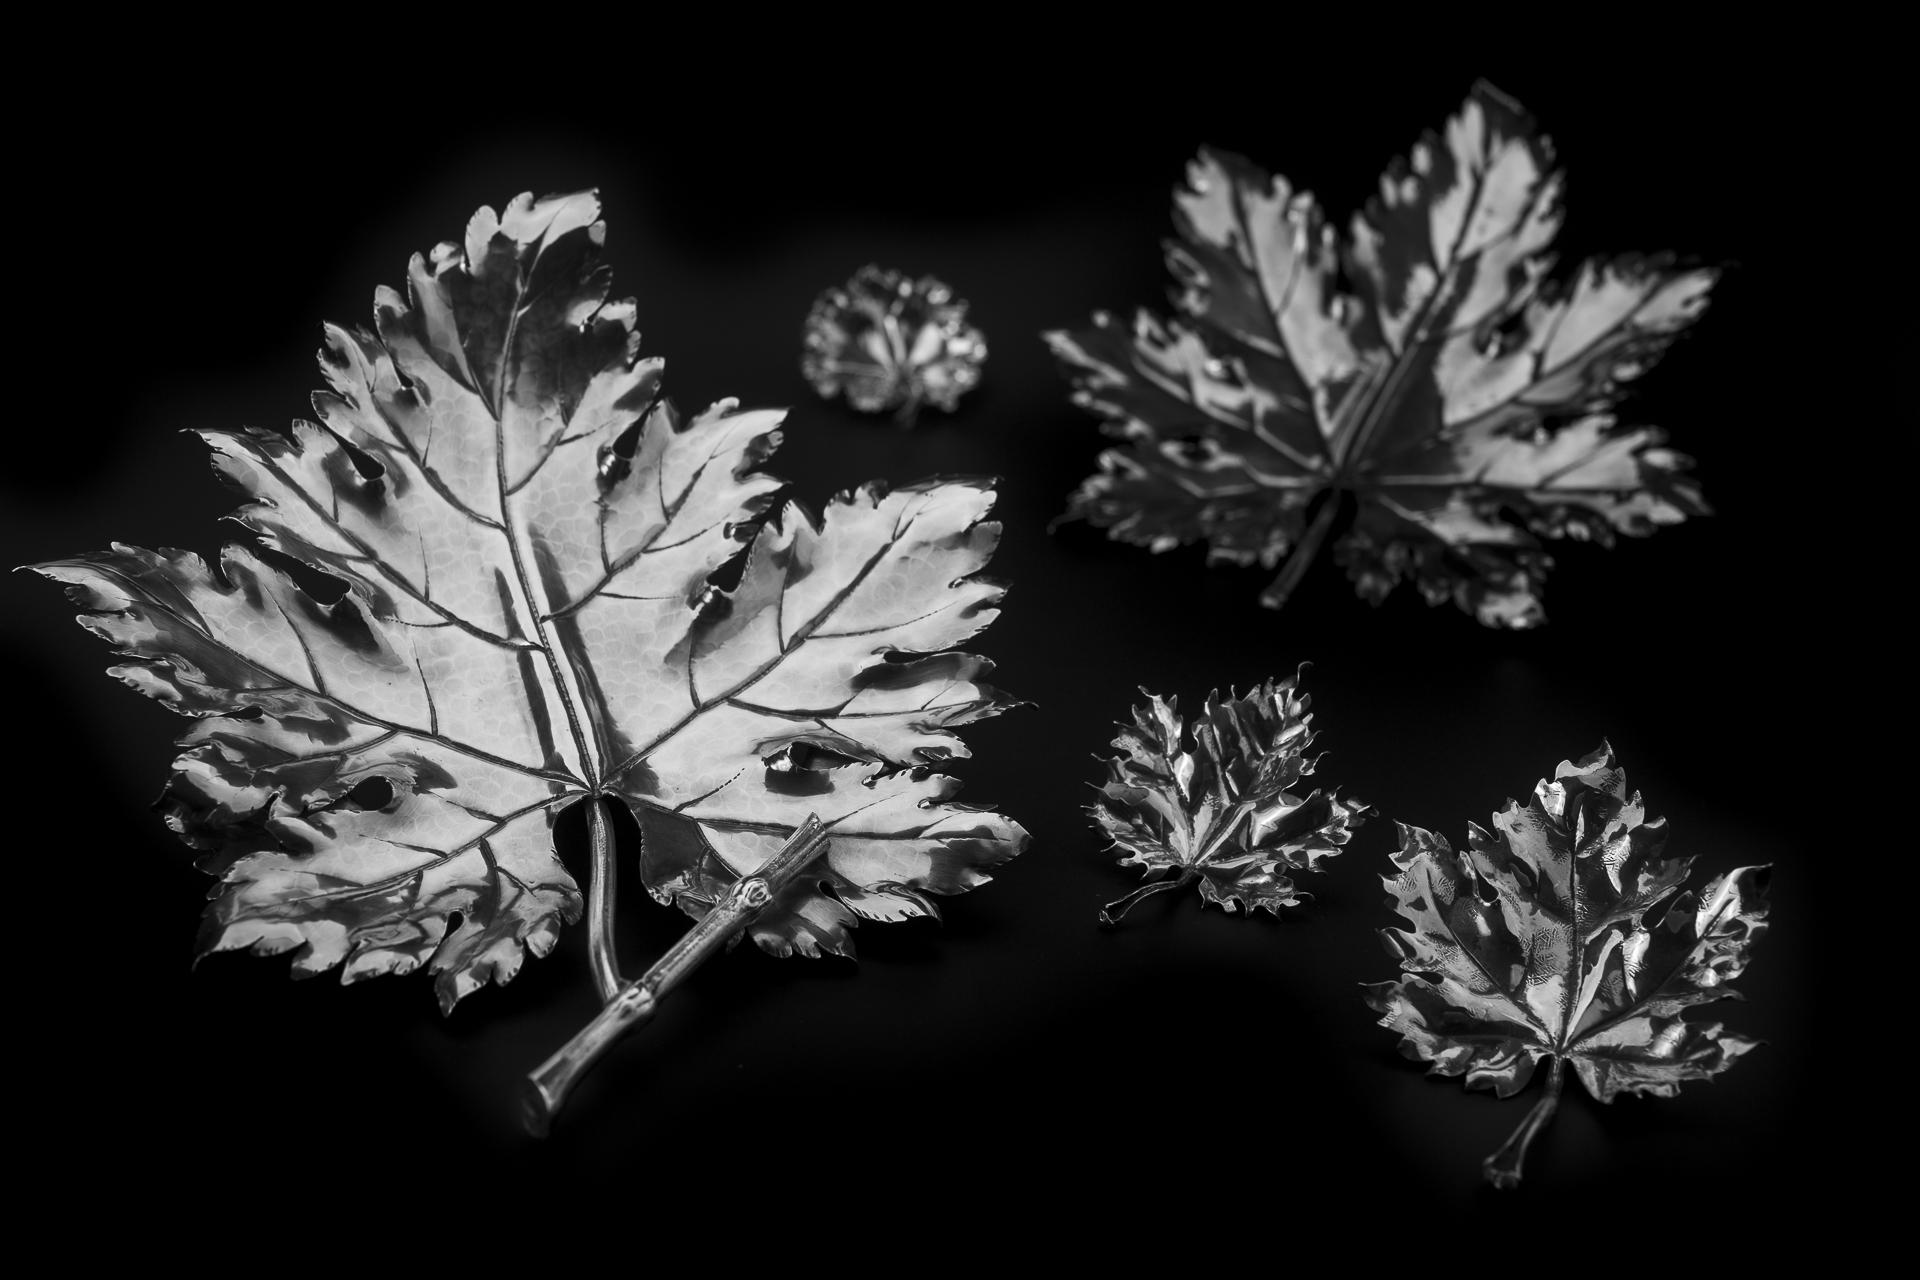 Una delle creazioni contemporanee della gioielleria Buccellati sono le foglie d'argento.